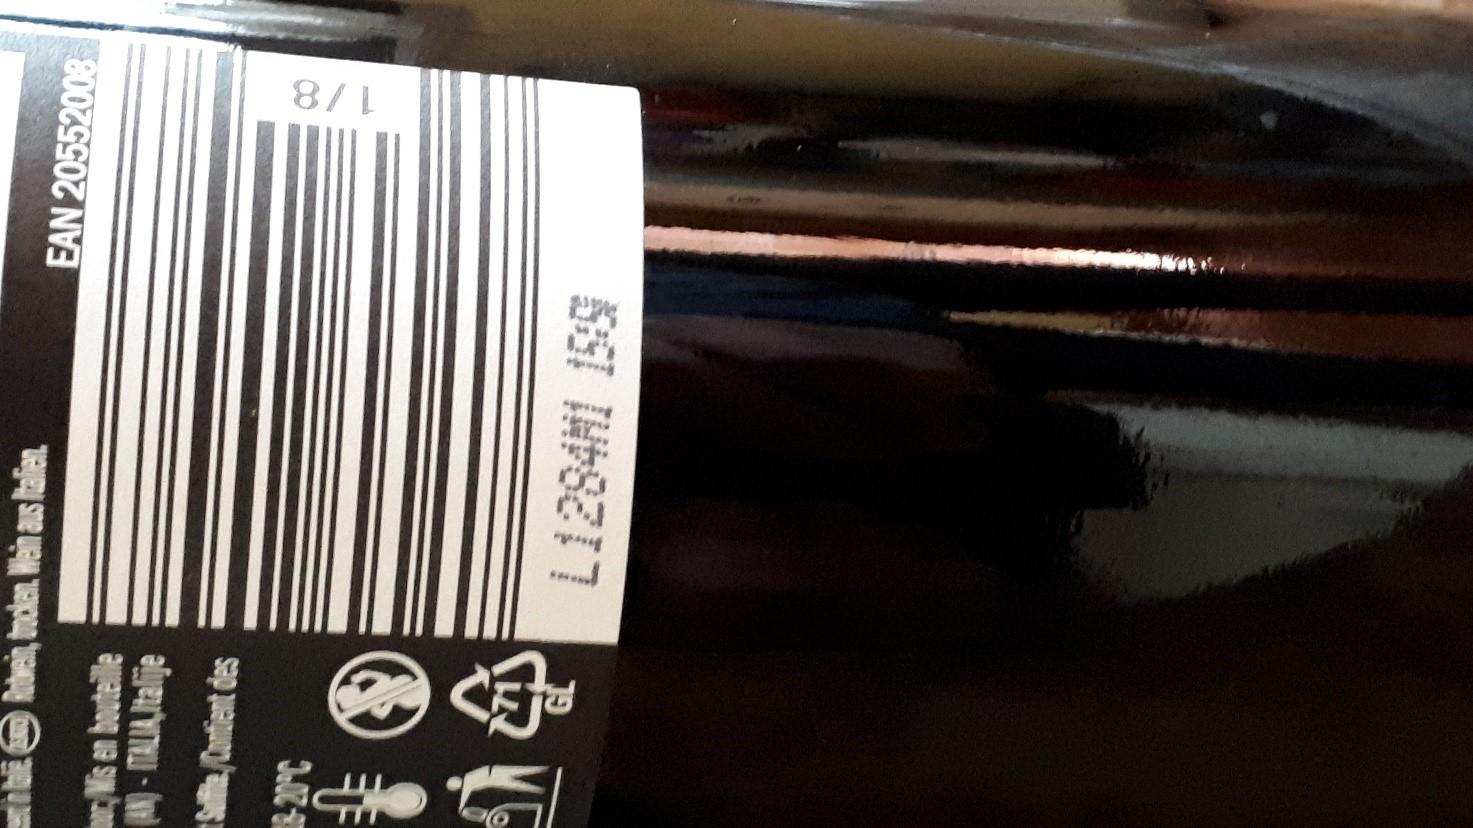 lotto di produzione su etichette per vino